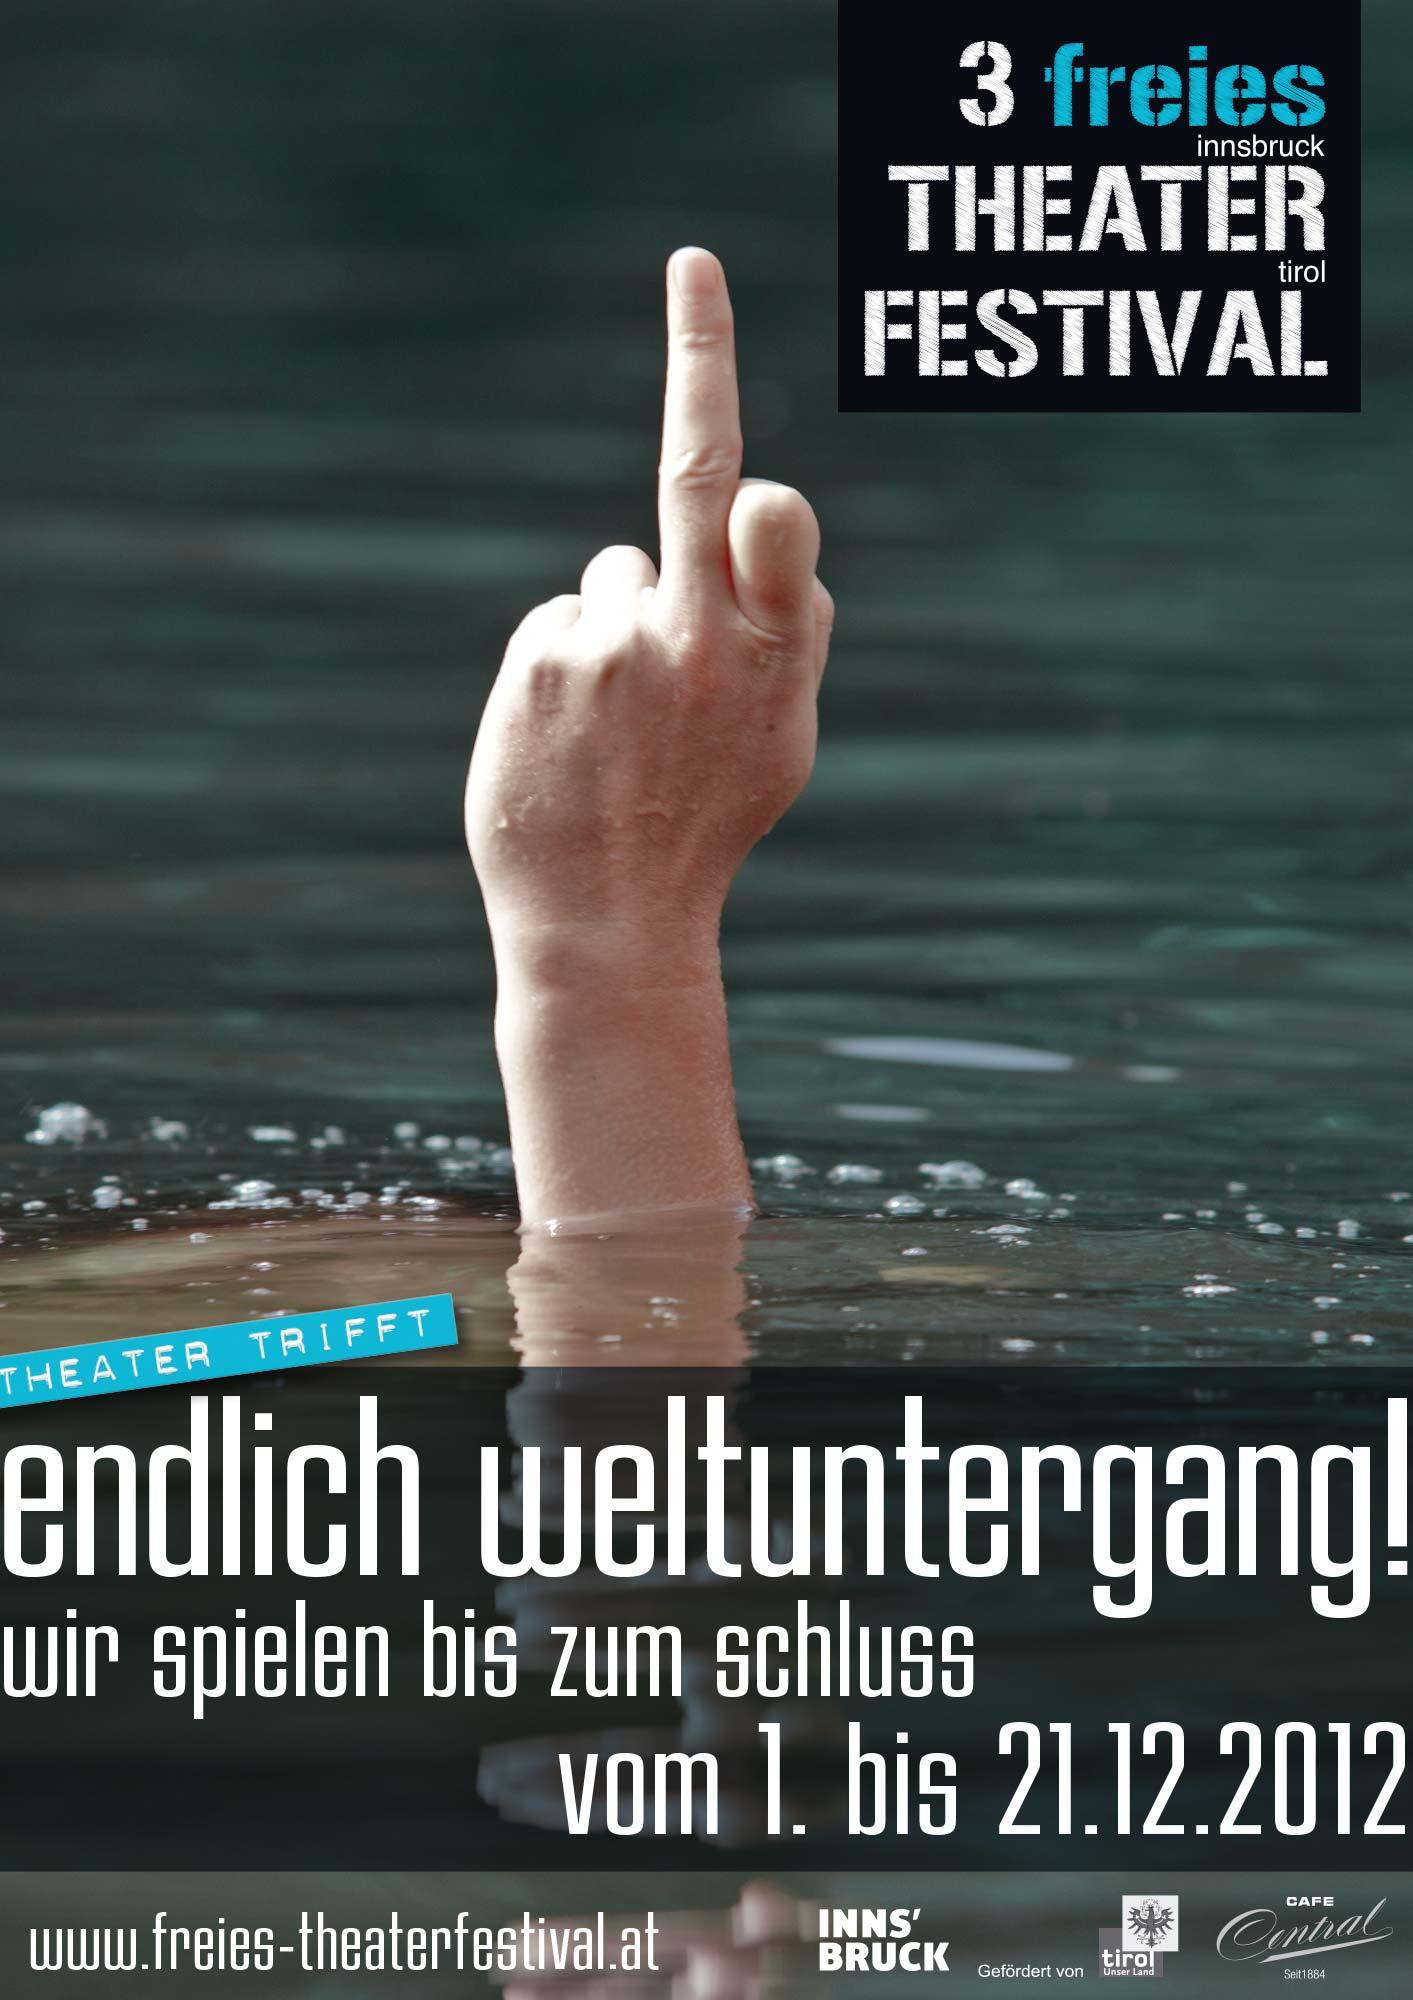 Plakat 2 für Theaterfestival